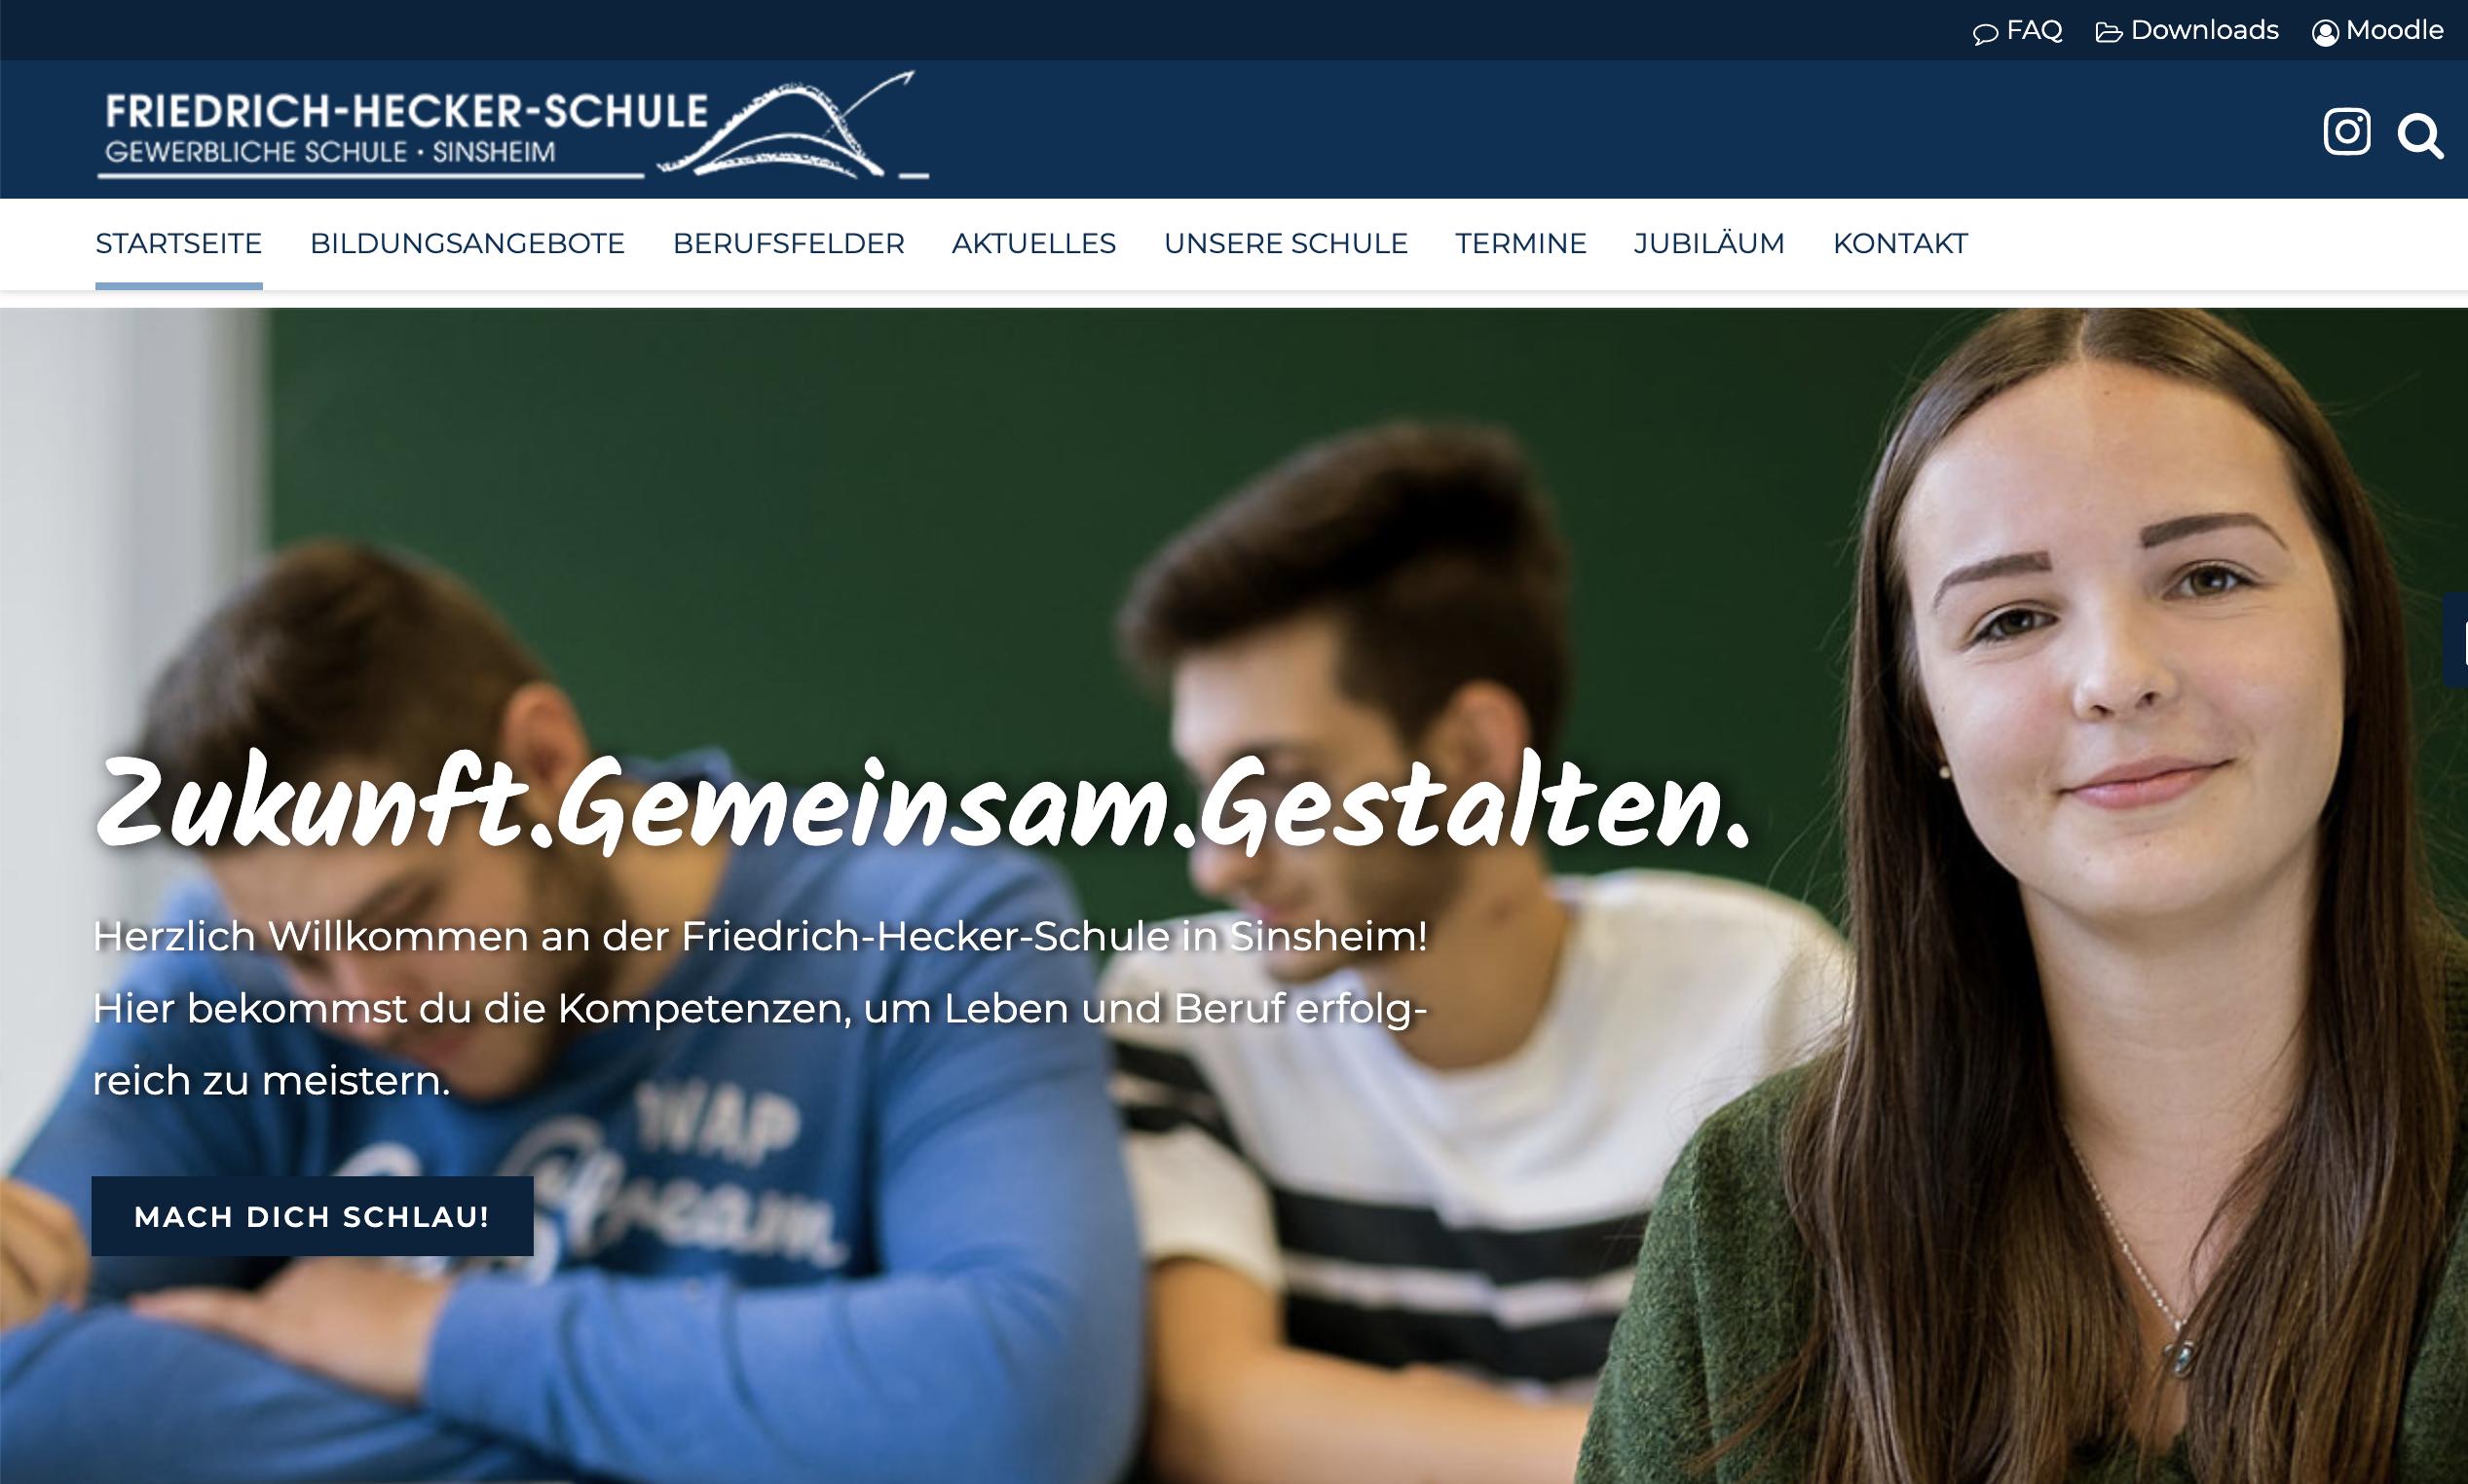 friedrick-hecker-schule